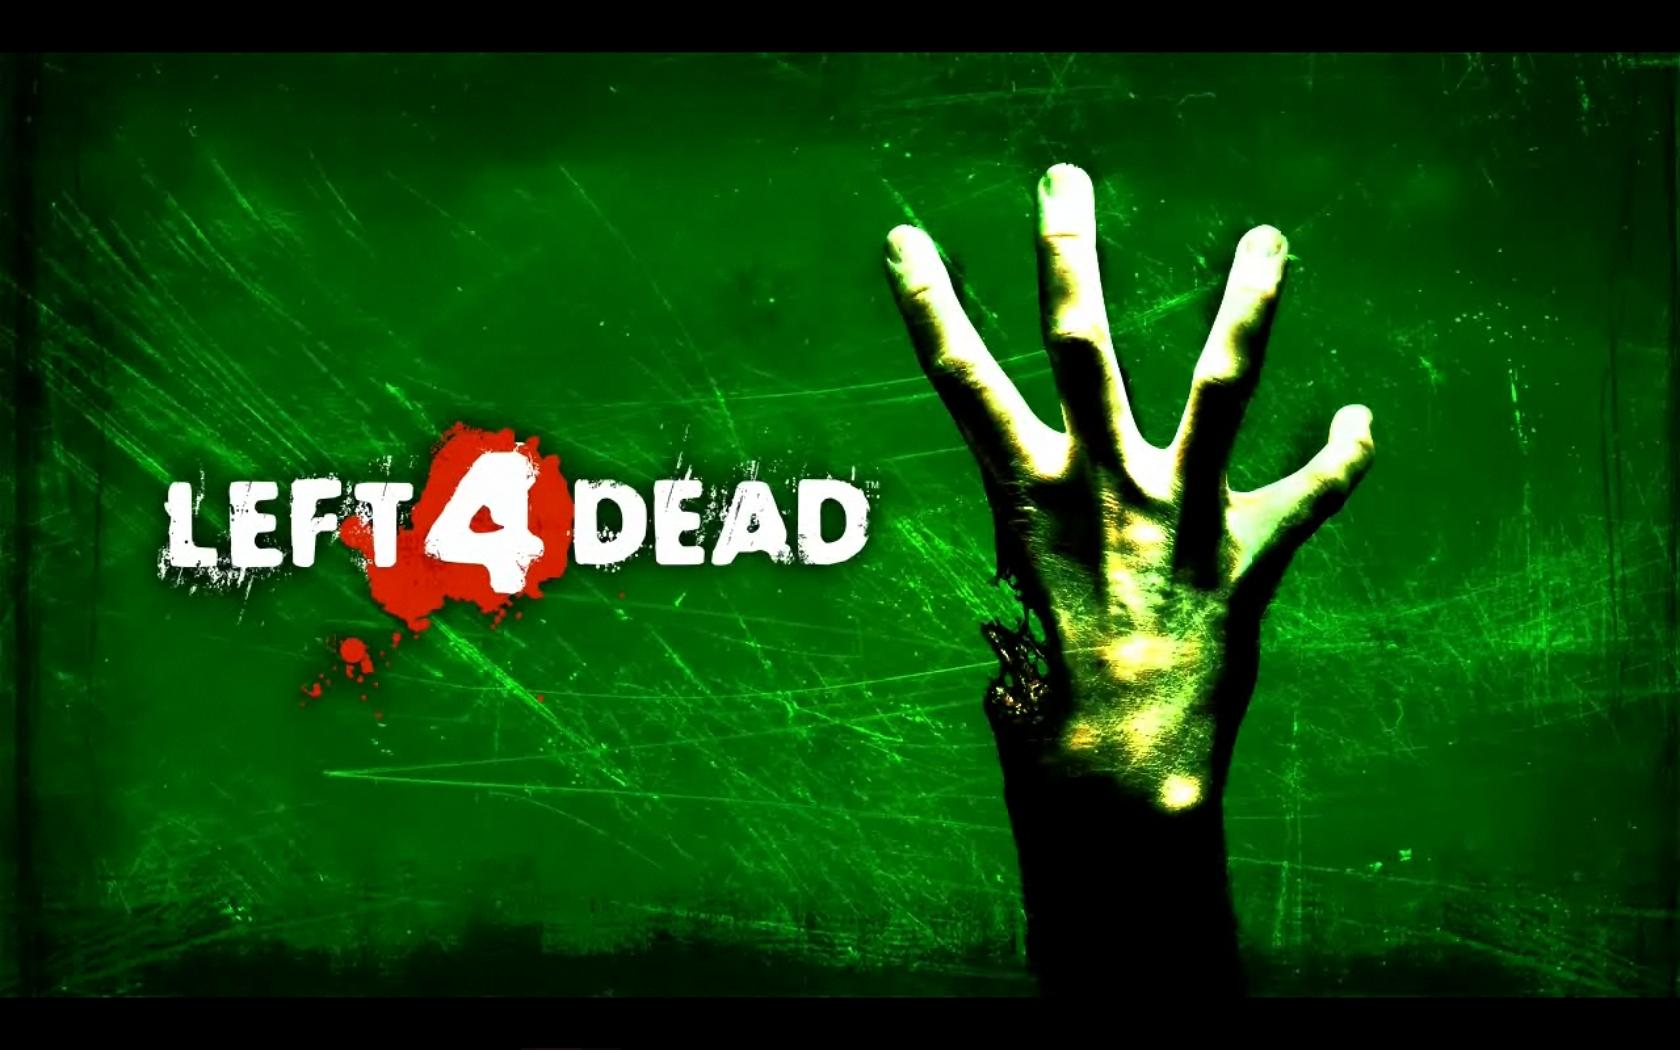 Şaiyə: Left 4 Dead 3 və Half-Life 3 haqqında məlumatlar